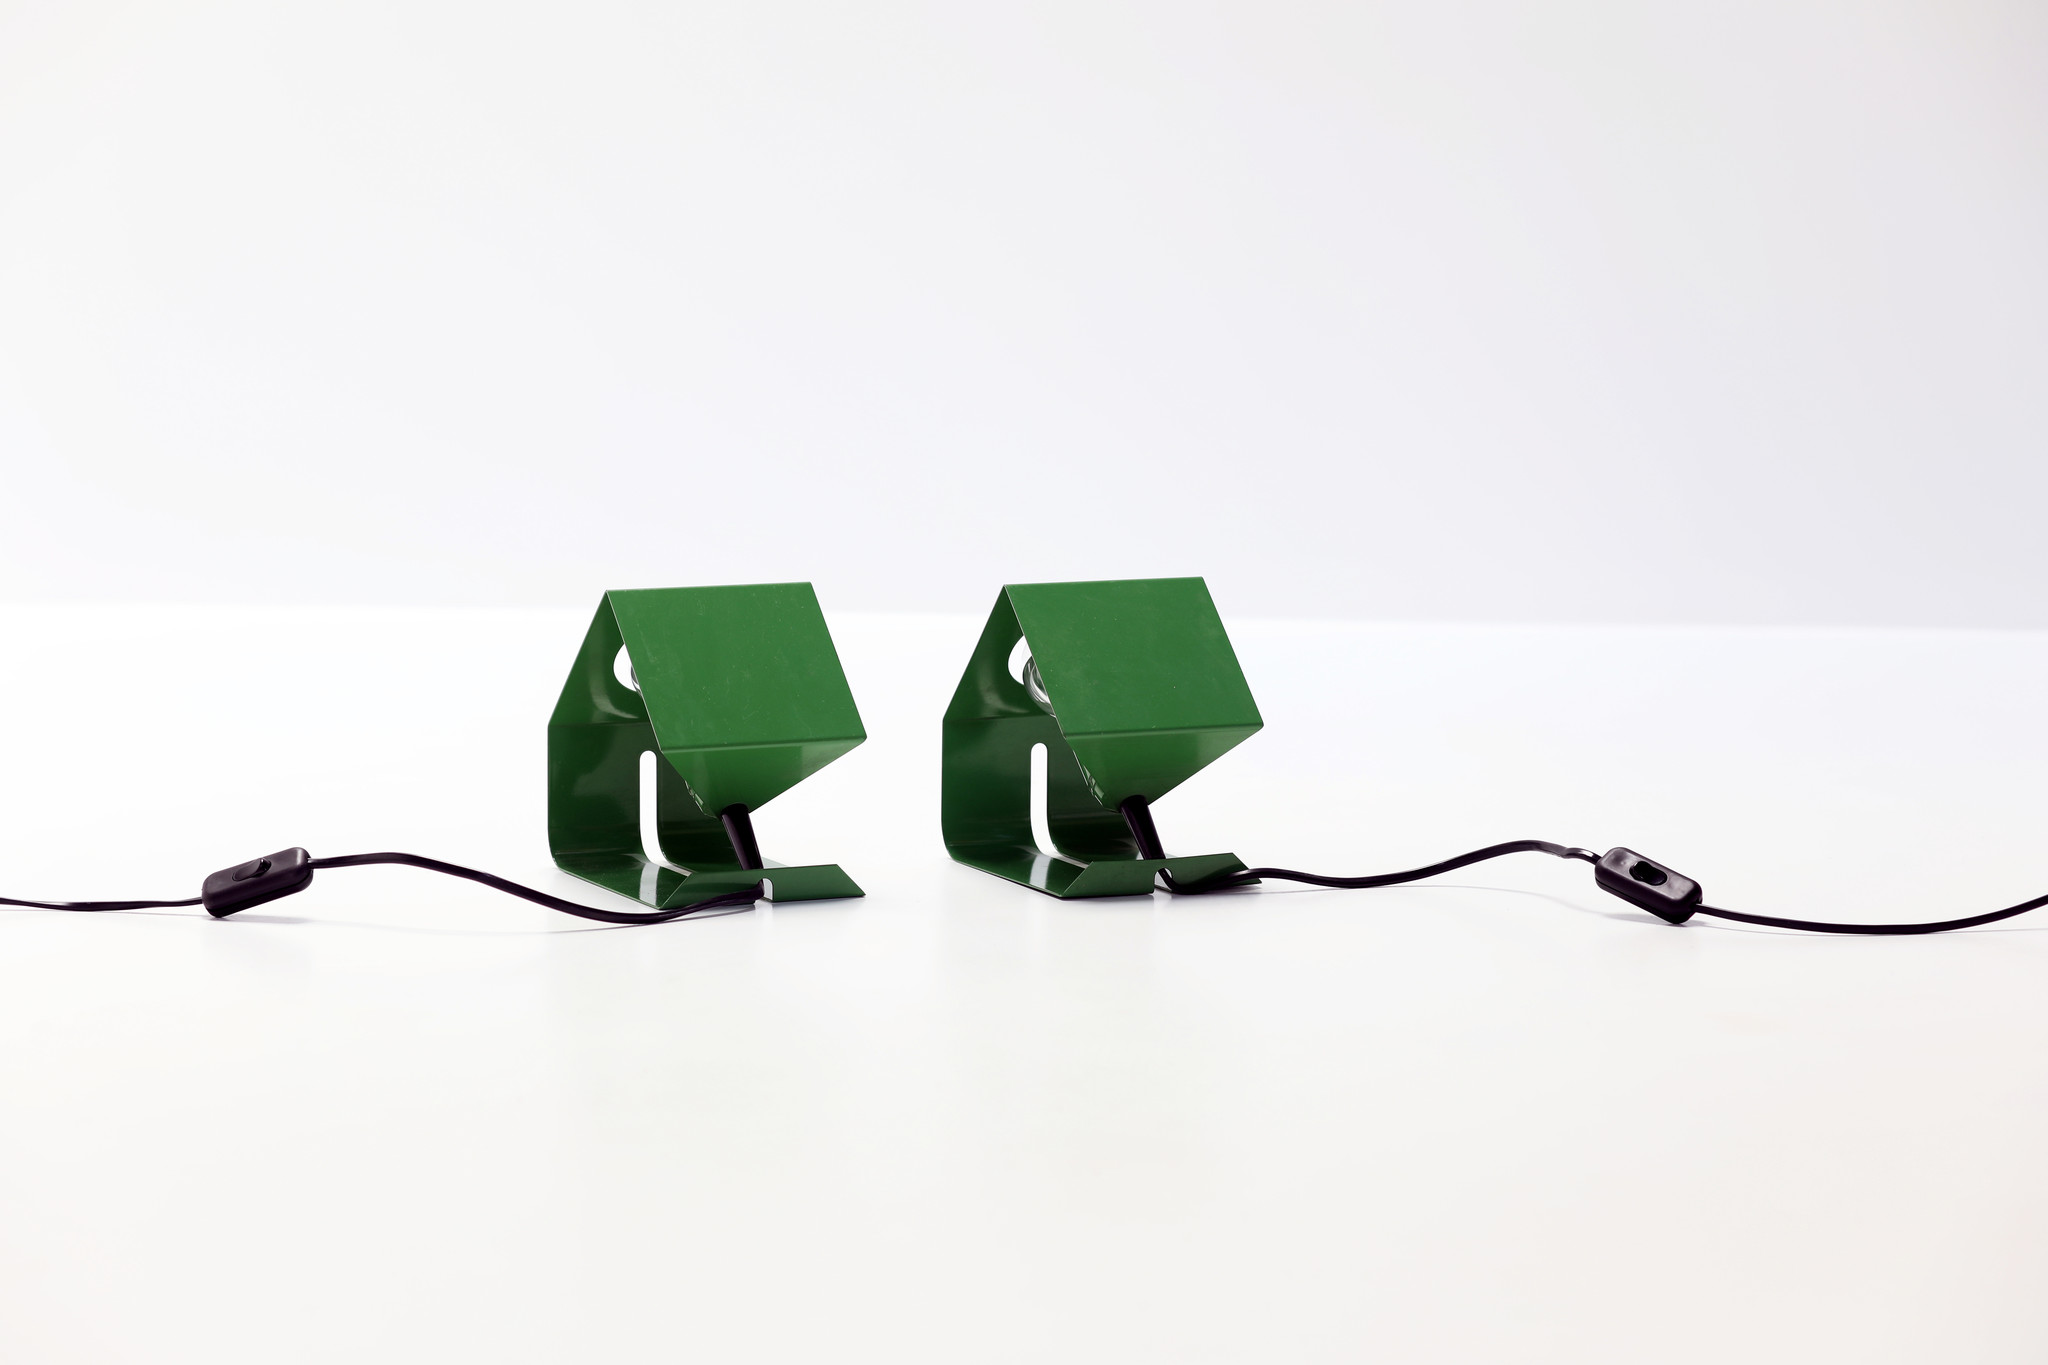 Artemita lamps